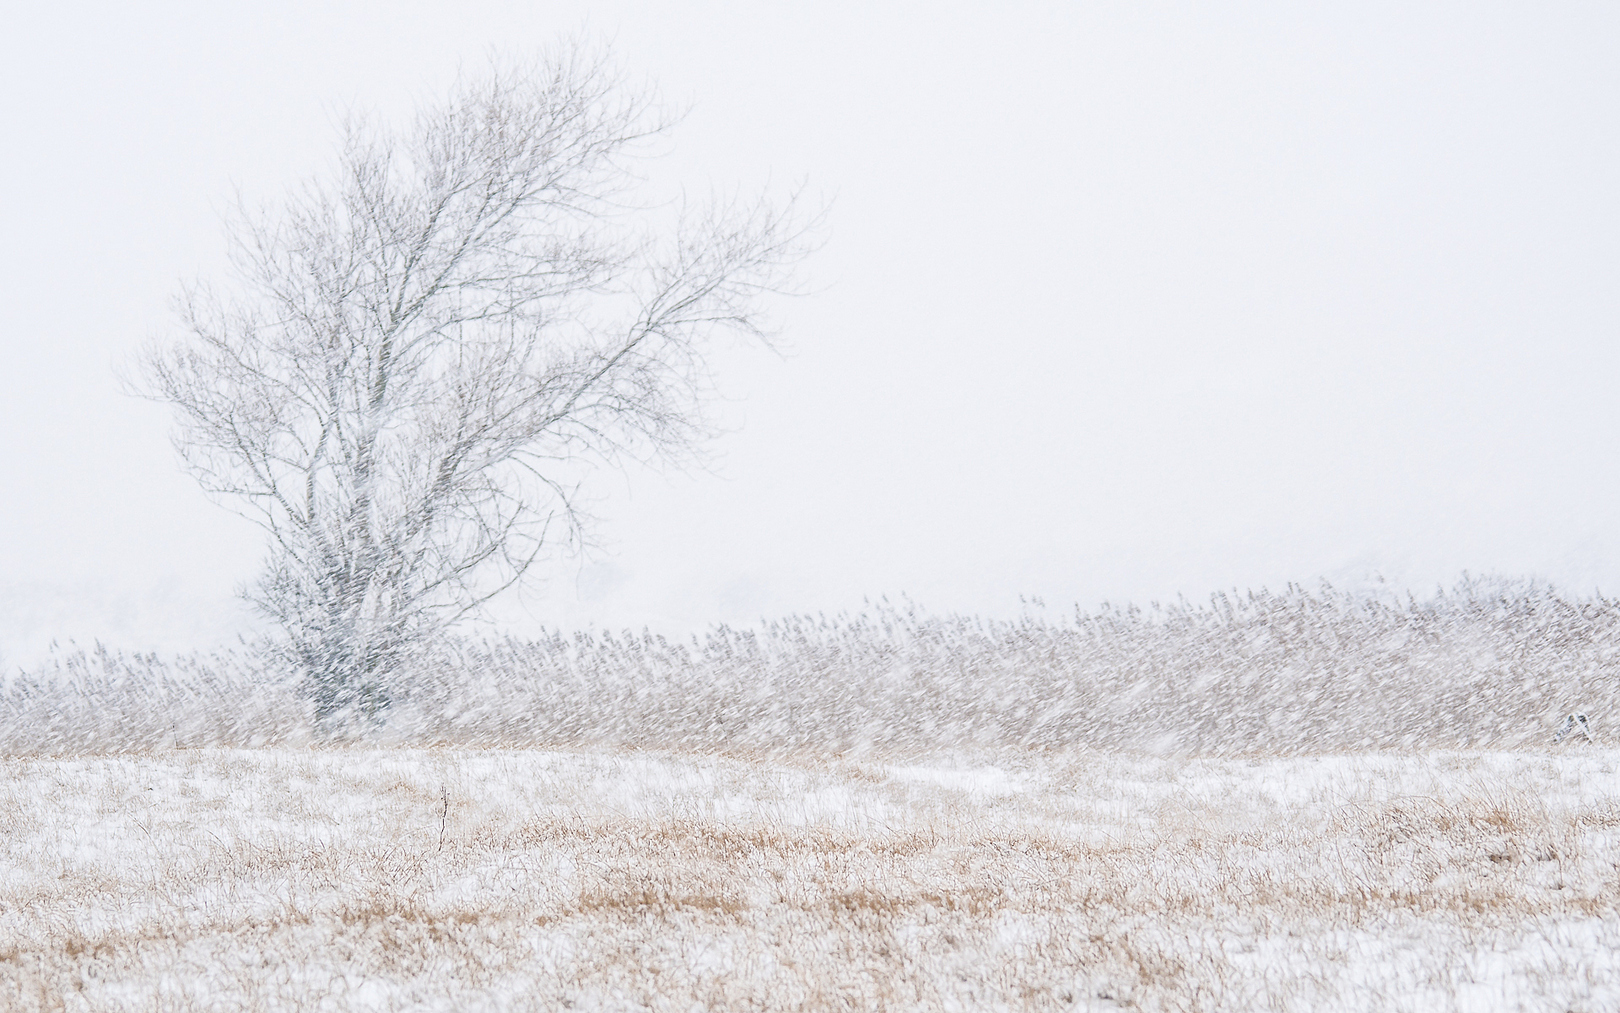 Sneeuwstorm Loes Belovics Deeldenatuur